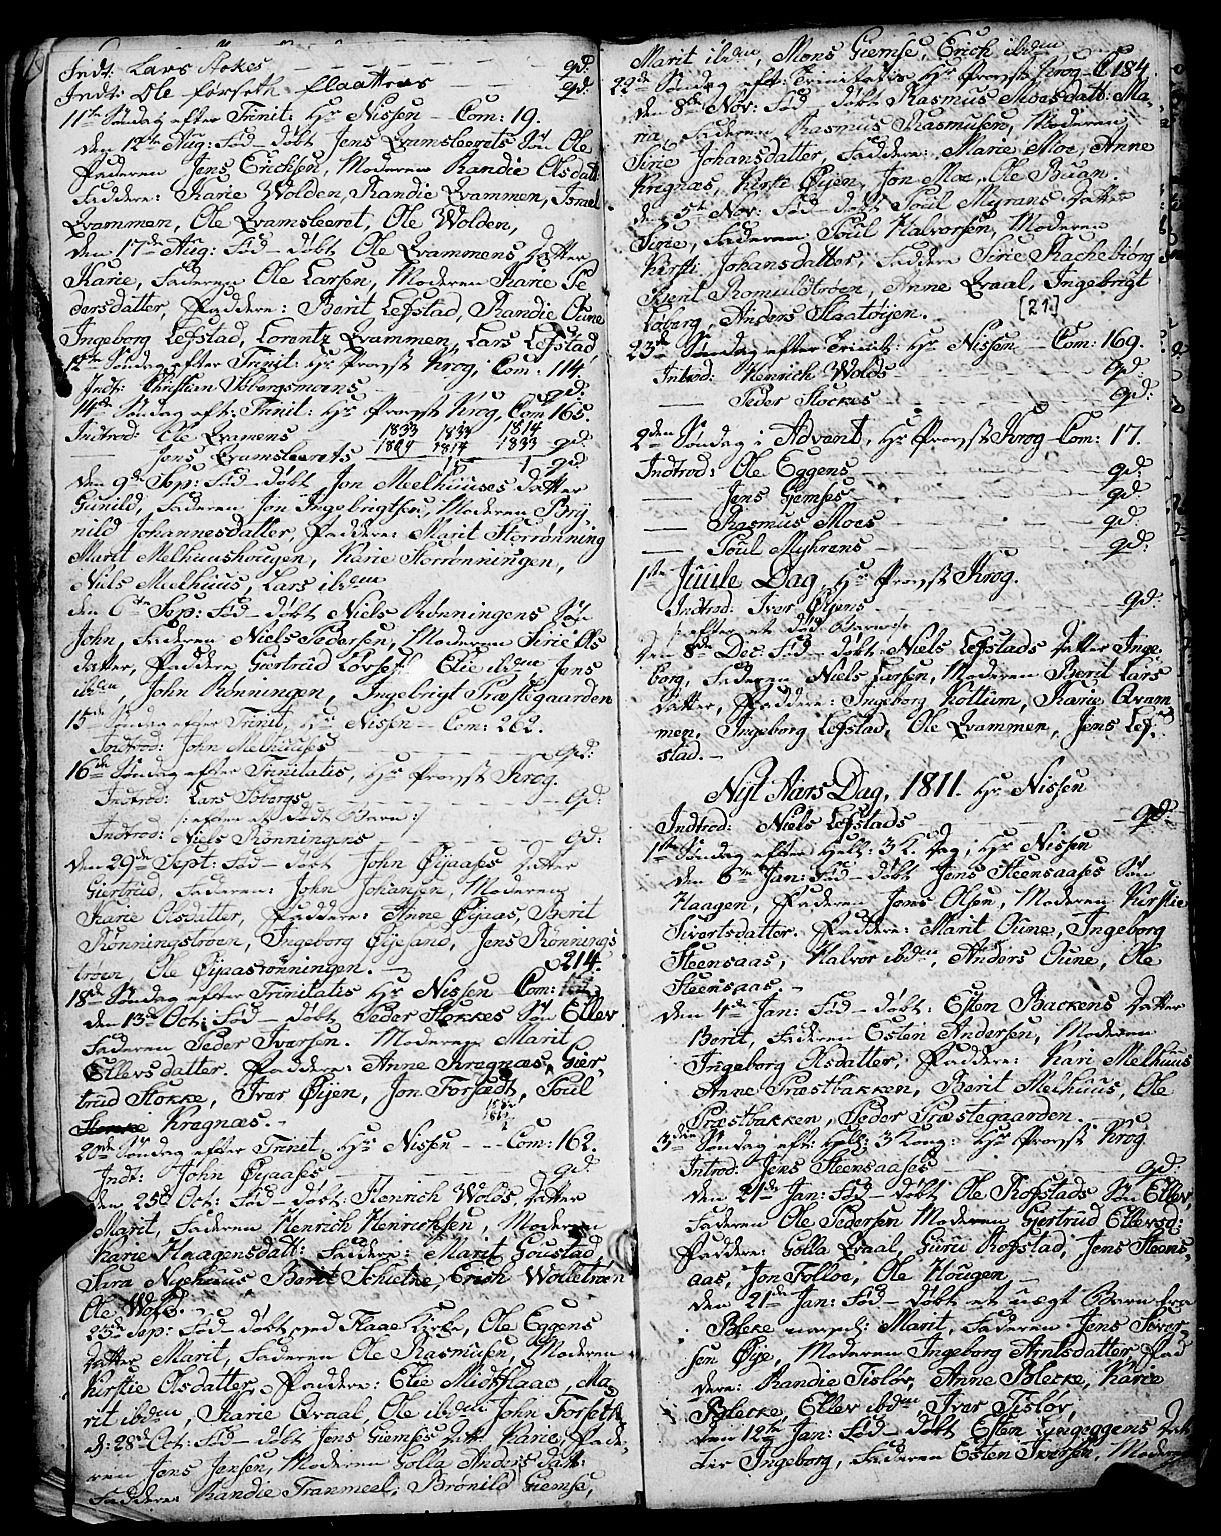 SAT, Ministerialprotokoller, klokkerbøker og fødselsregistre - Sør-Trøndelag, 691/L1091: Klokkerbok nr. 691C02, 1802-1815, s. 21